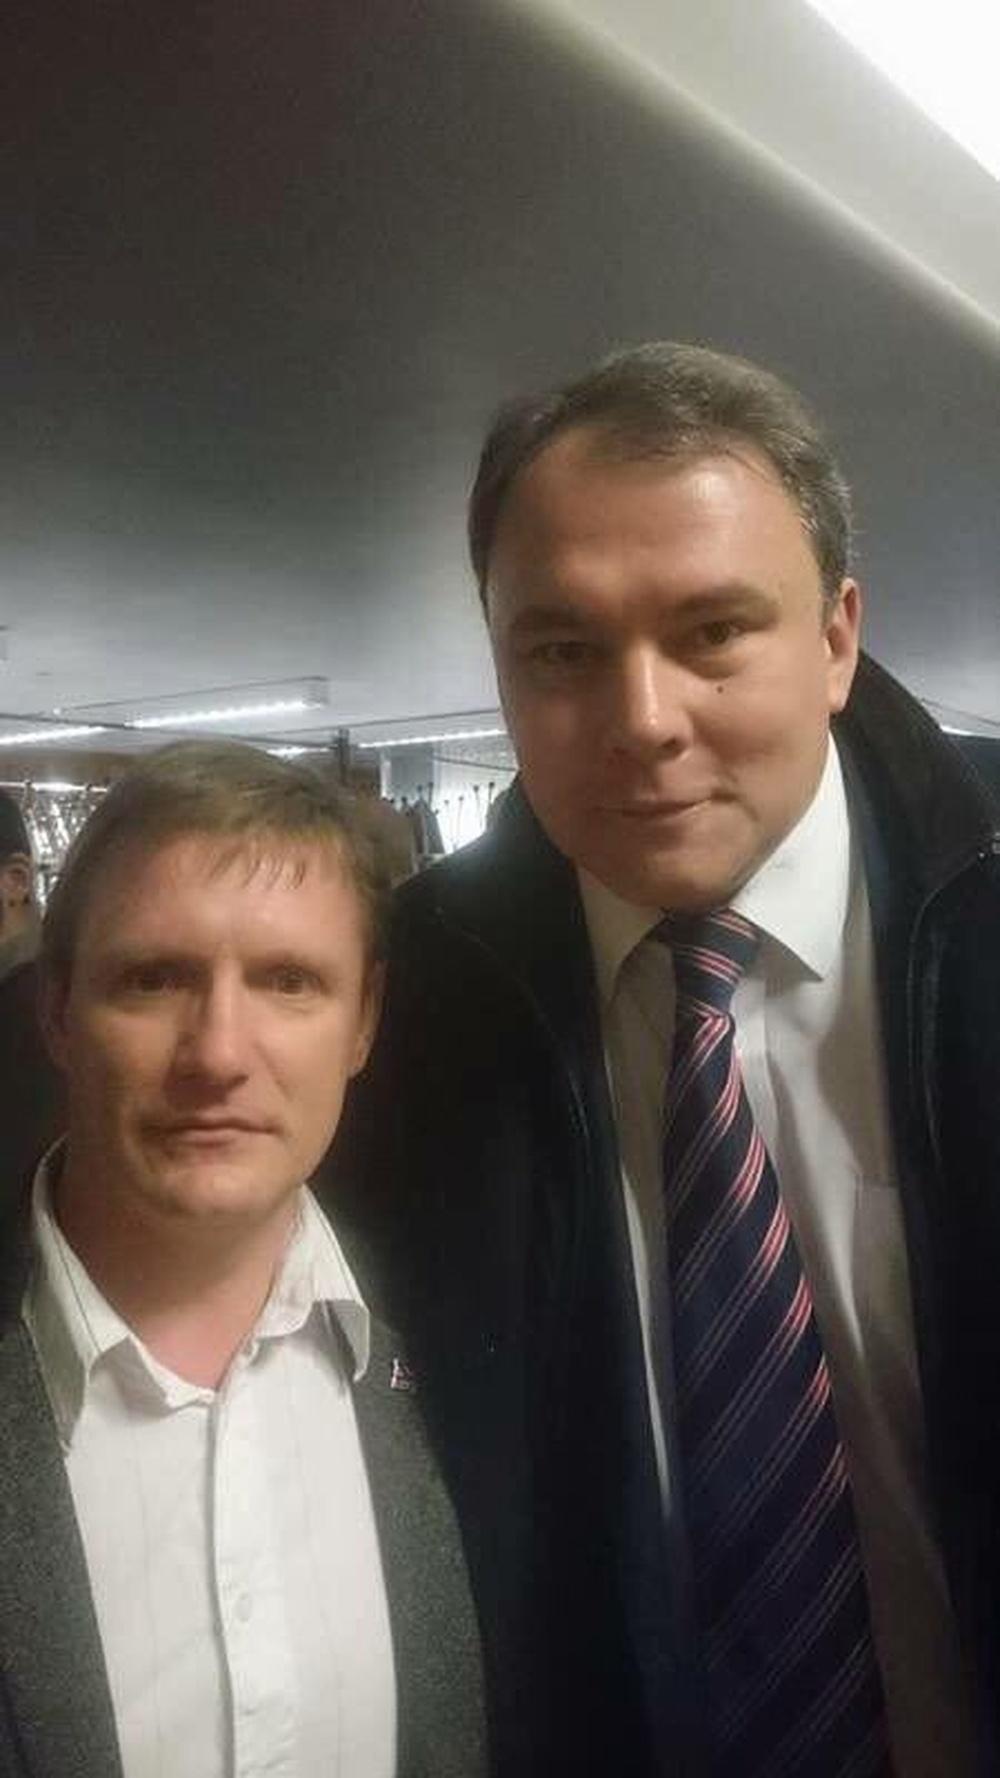 """Навальный """"Внимание: поиск ещё двух злодеев"""". Тот,кто плеснул зелёнкой-на снимке"""